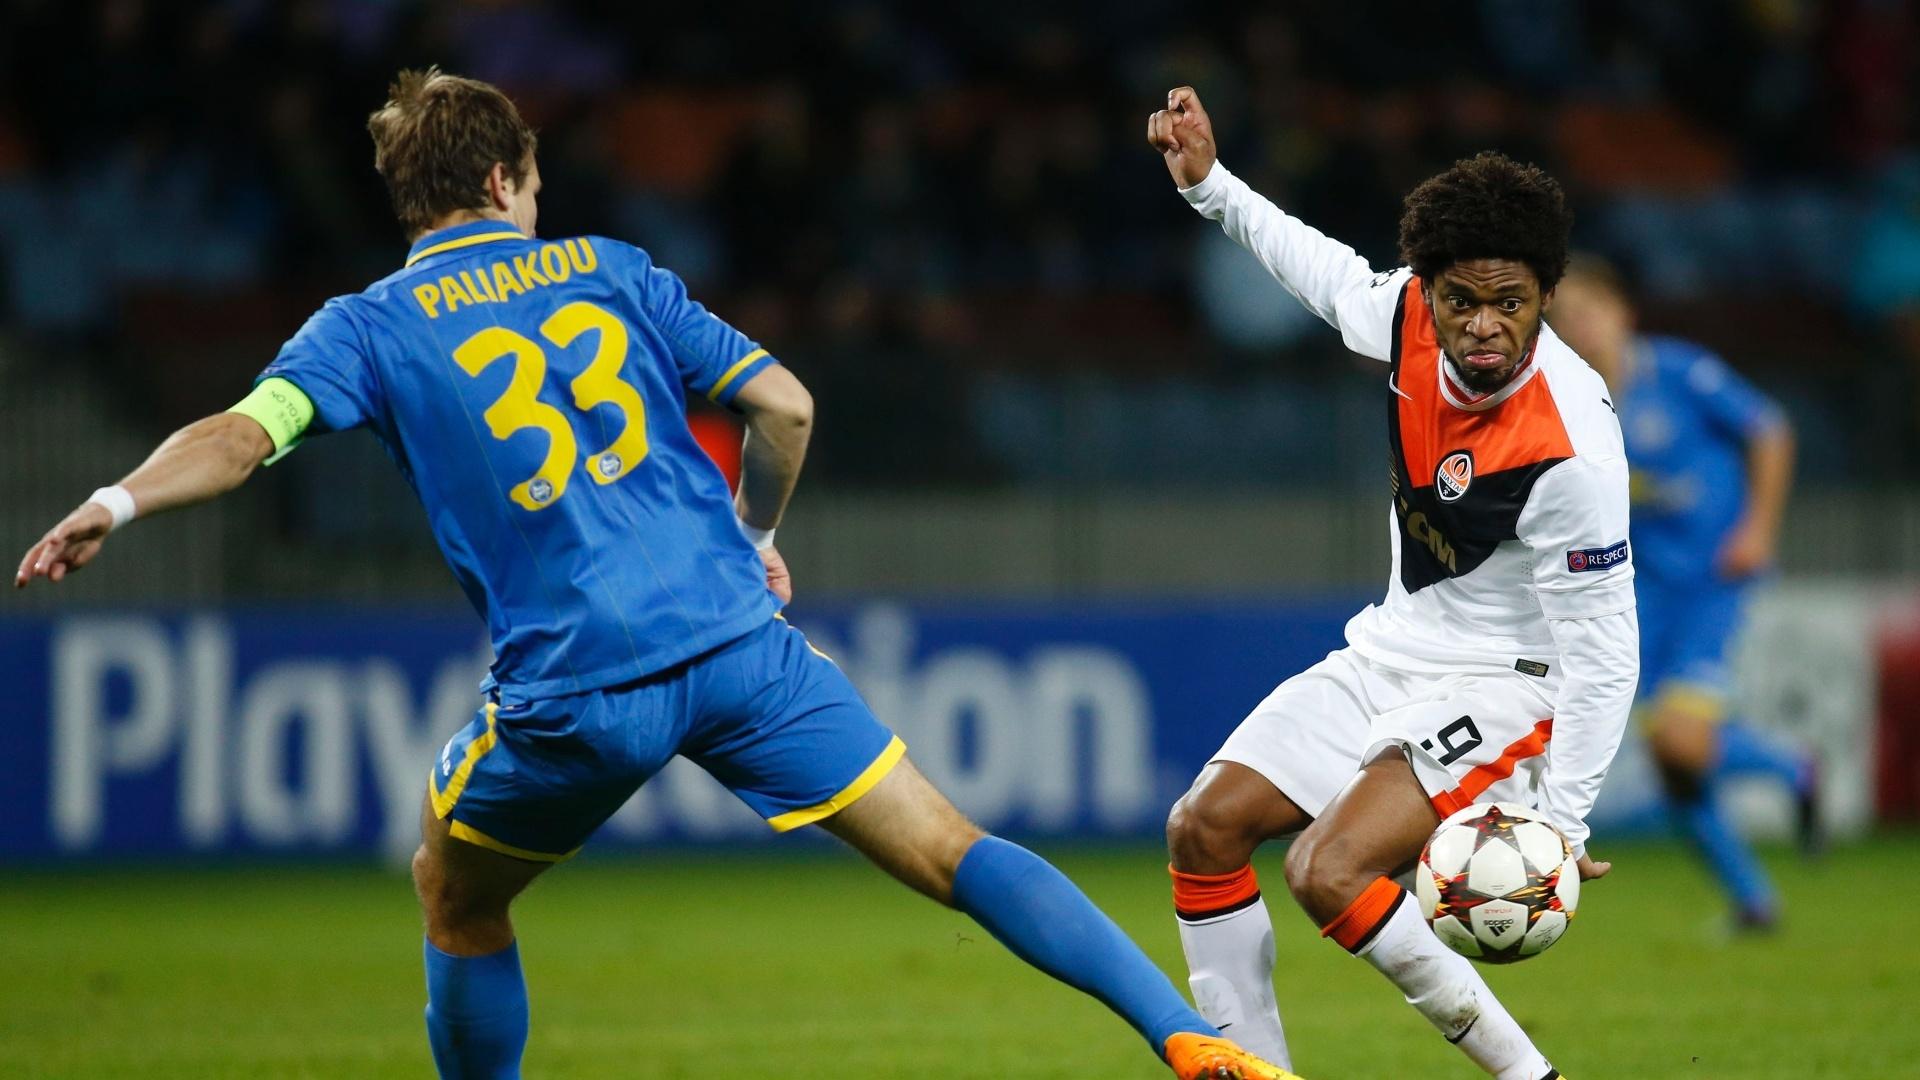 Luiz Adriano (direita), do Shakhtar, dribla Polyakov durante jogo da Liga dos Campeões